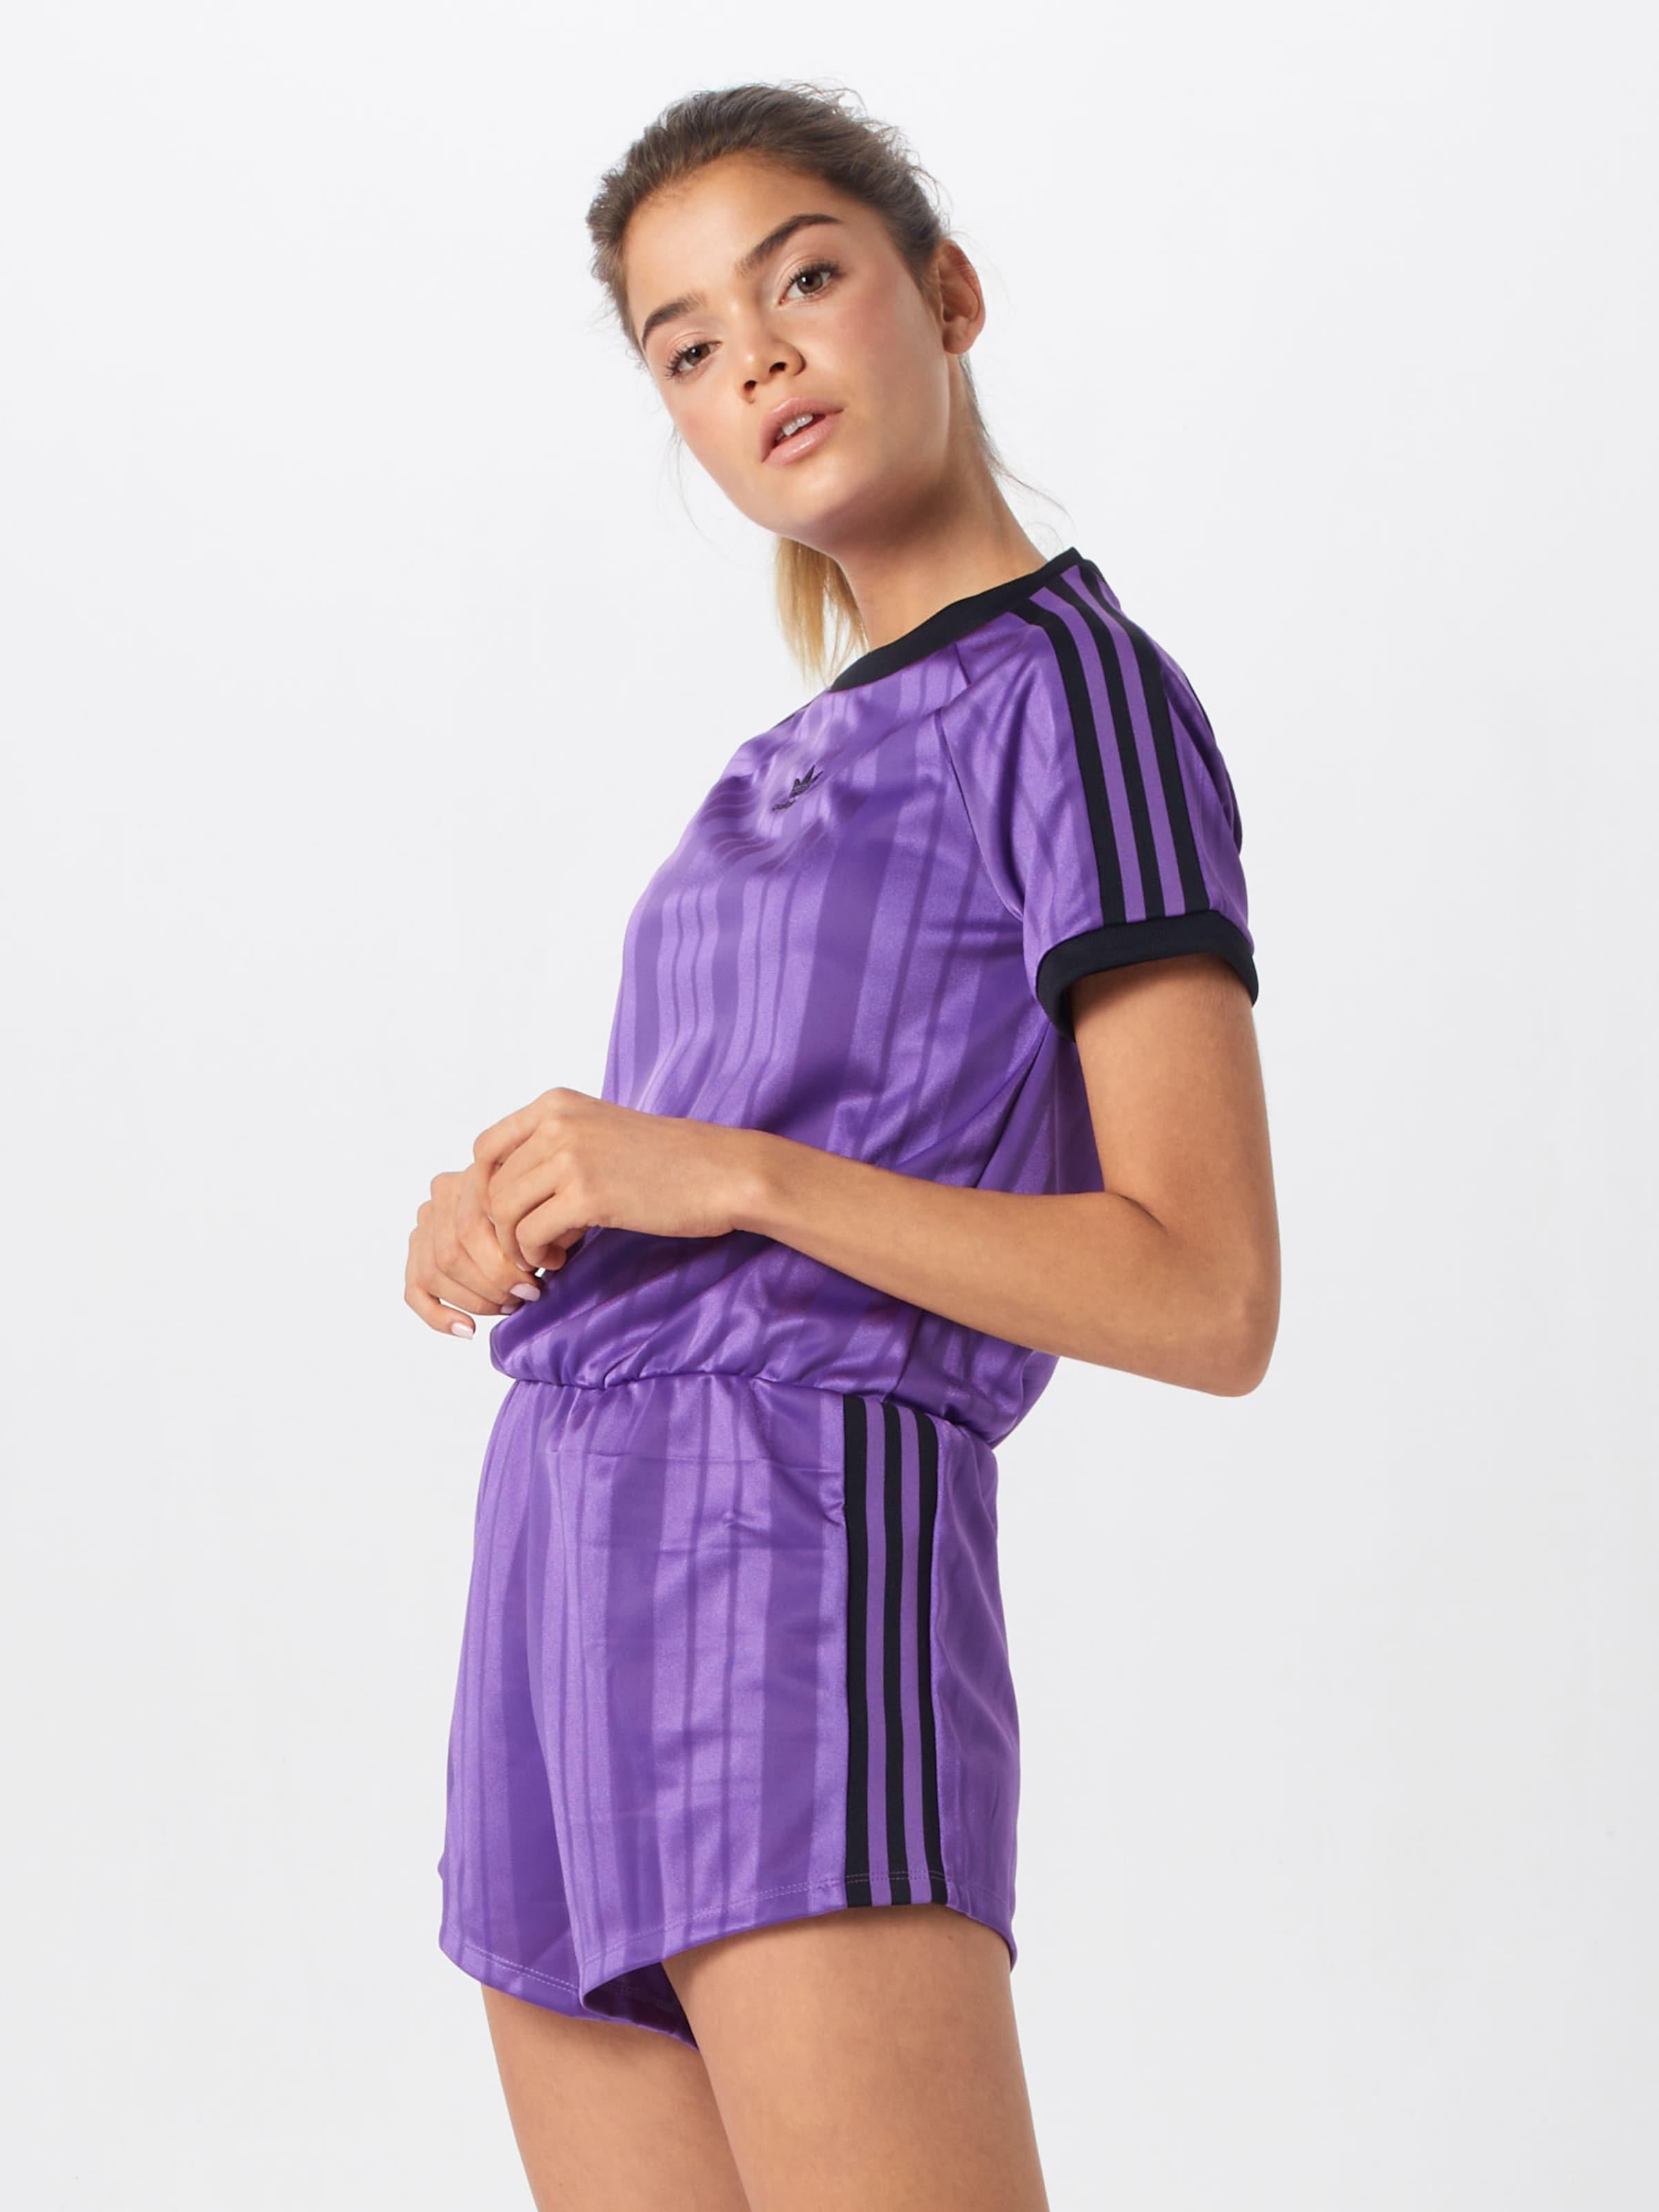 Originals 'jumpsuit' Adidas Combinaison VioletNoir En 1JK3TlFc